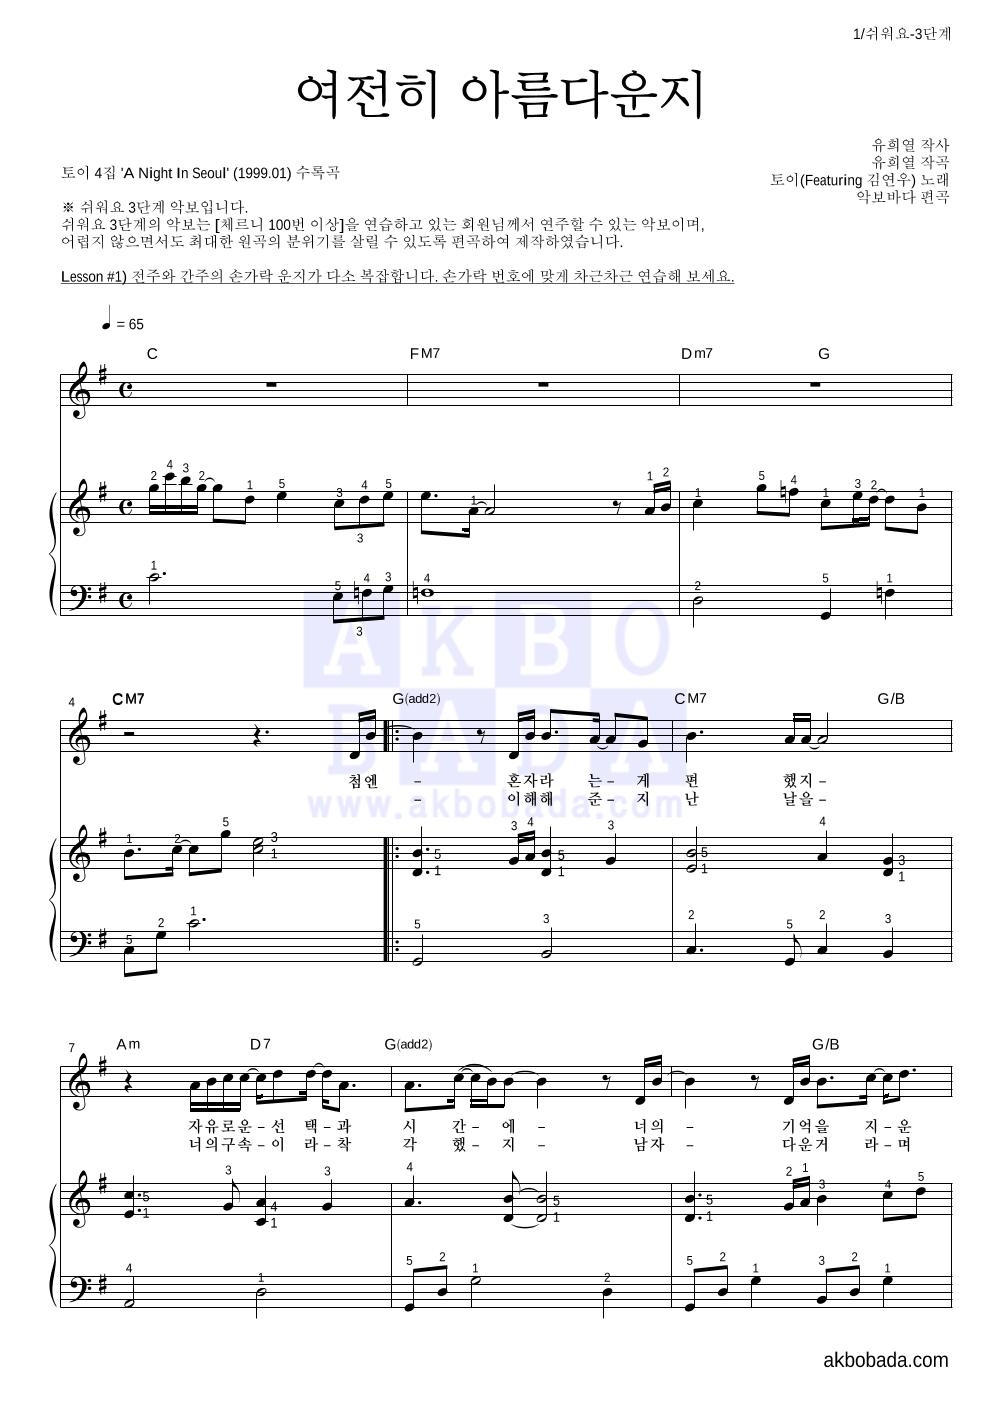 토이 - 여전히 아름다운지 (Feat. 김연우) 피아노3단-쉬워요 악보